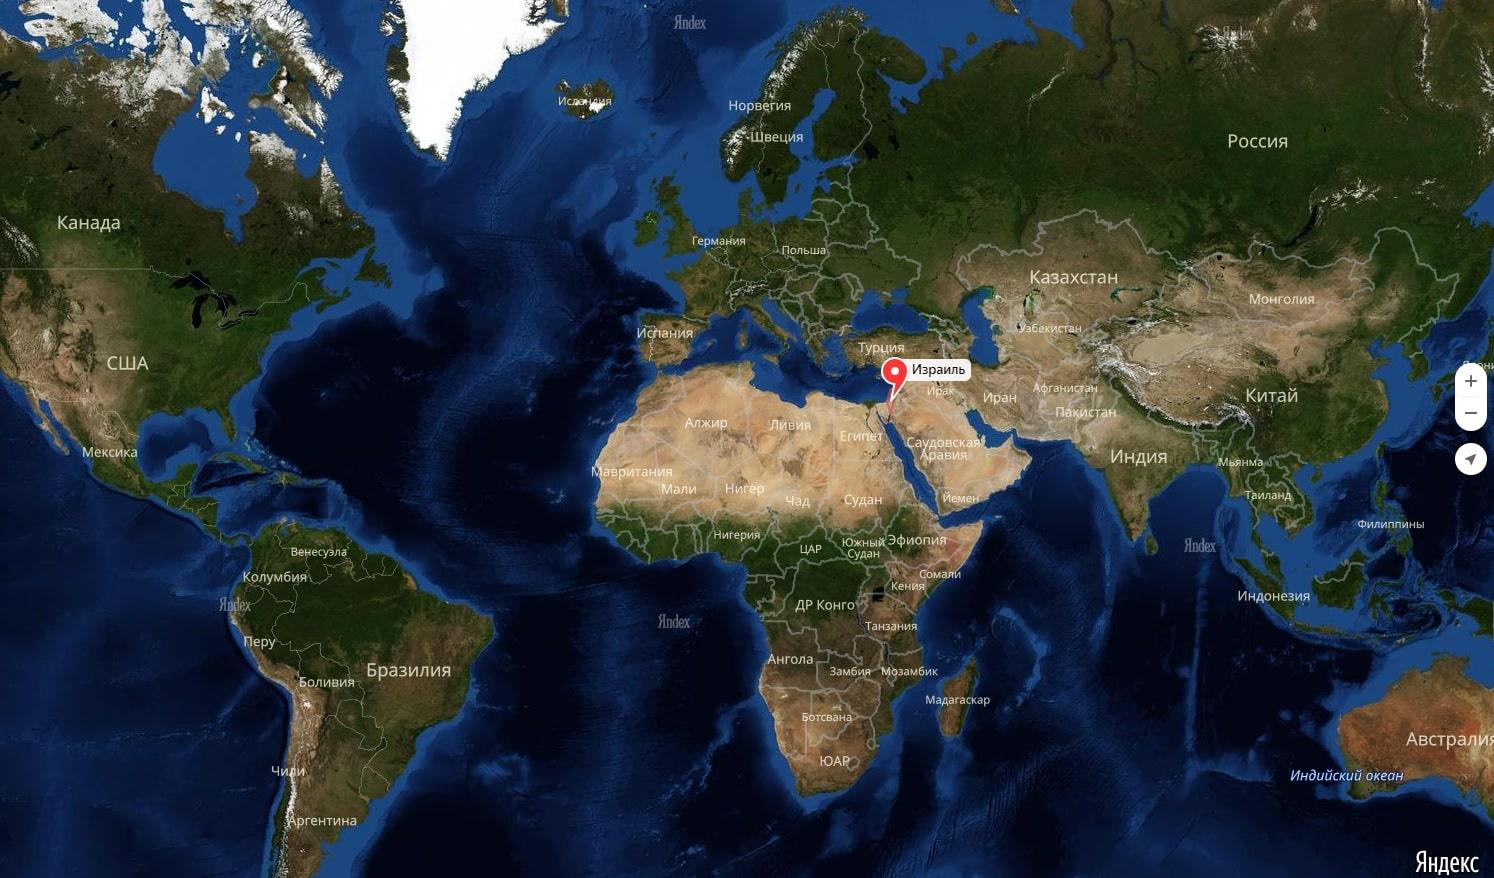 фото израиль на карте мира